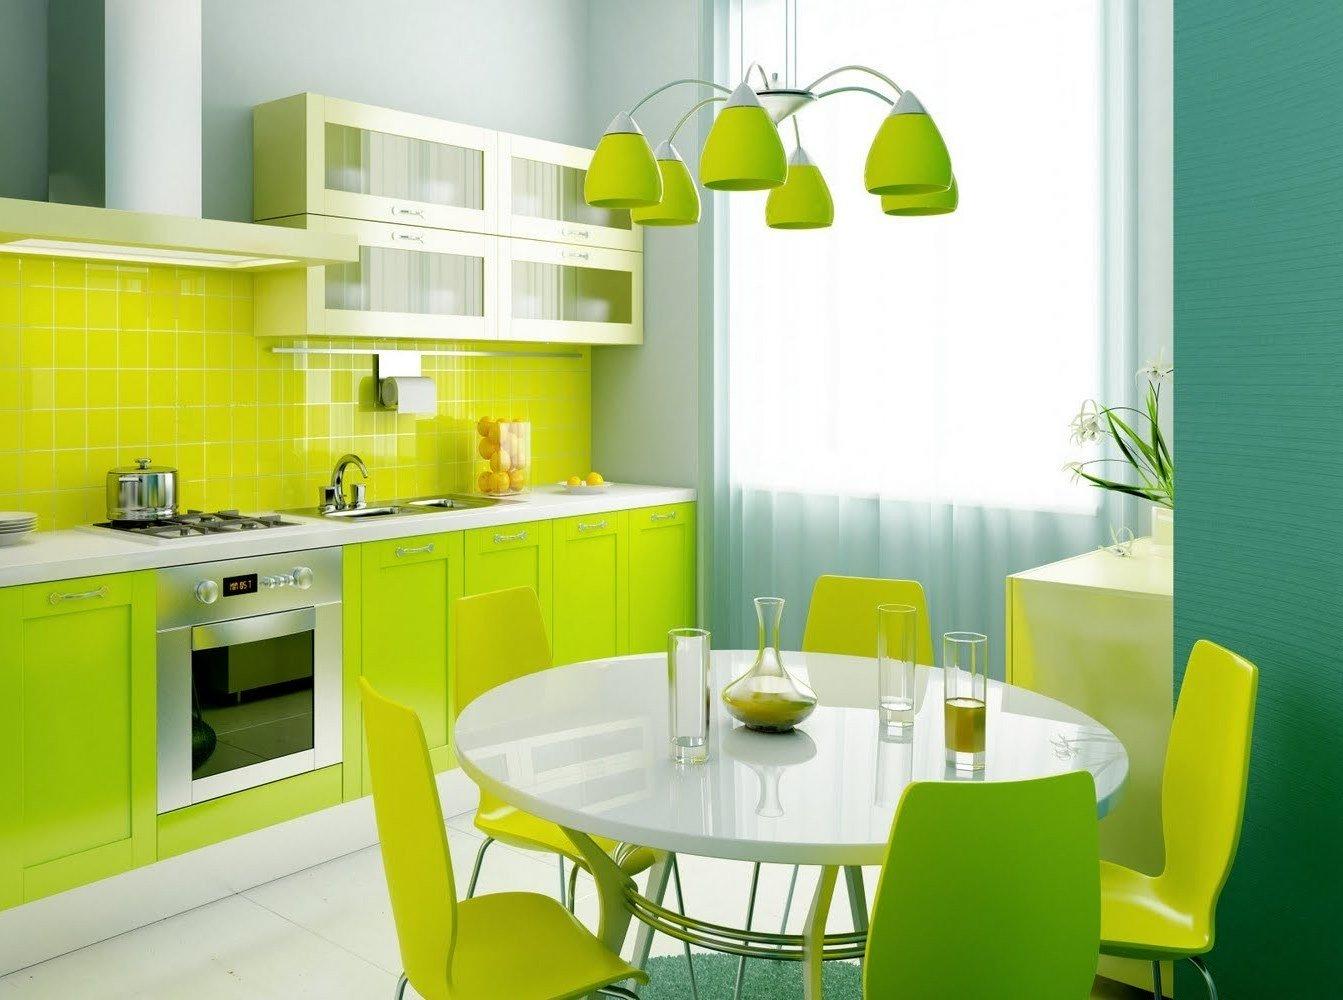 Салатовая кухня 53 фото варианты дизайна кухонного гарнитура в салатовых тонах использование кухни салатового цвета в интерьере сочетание с белым черным и другими цветами